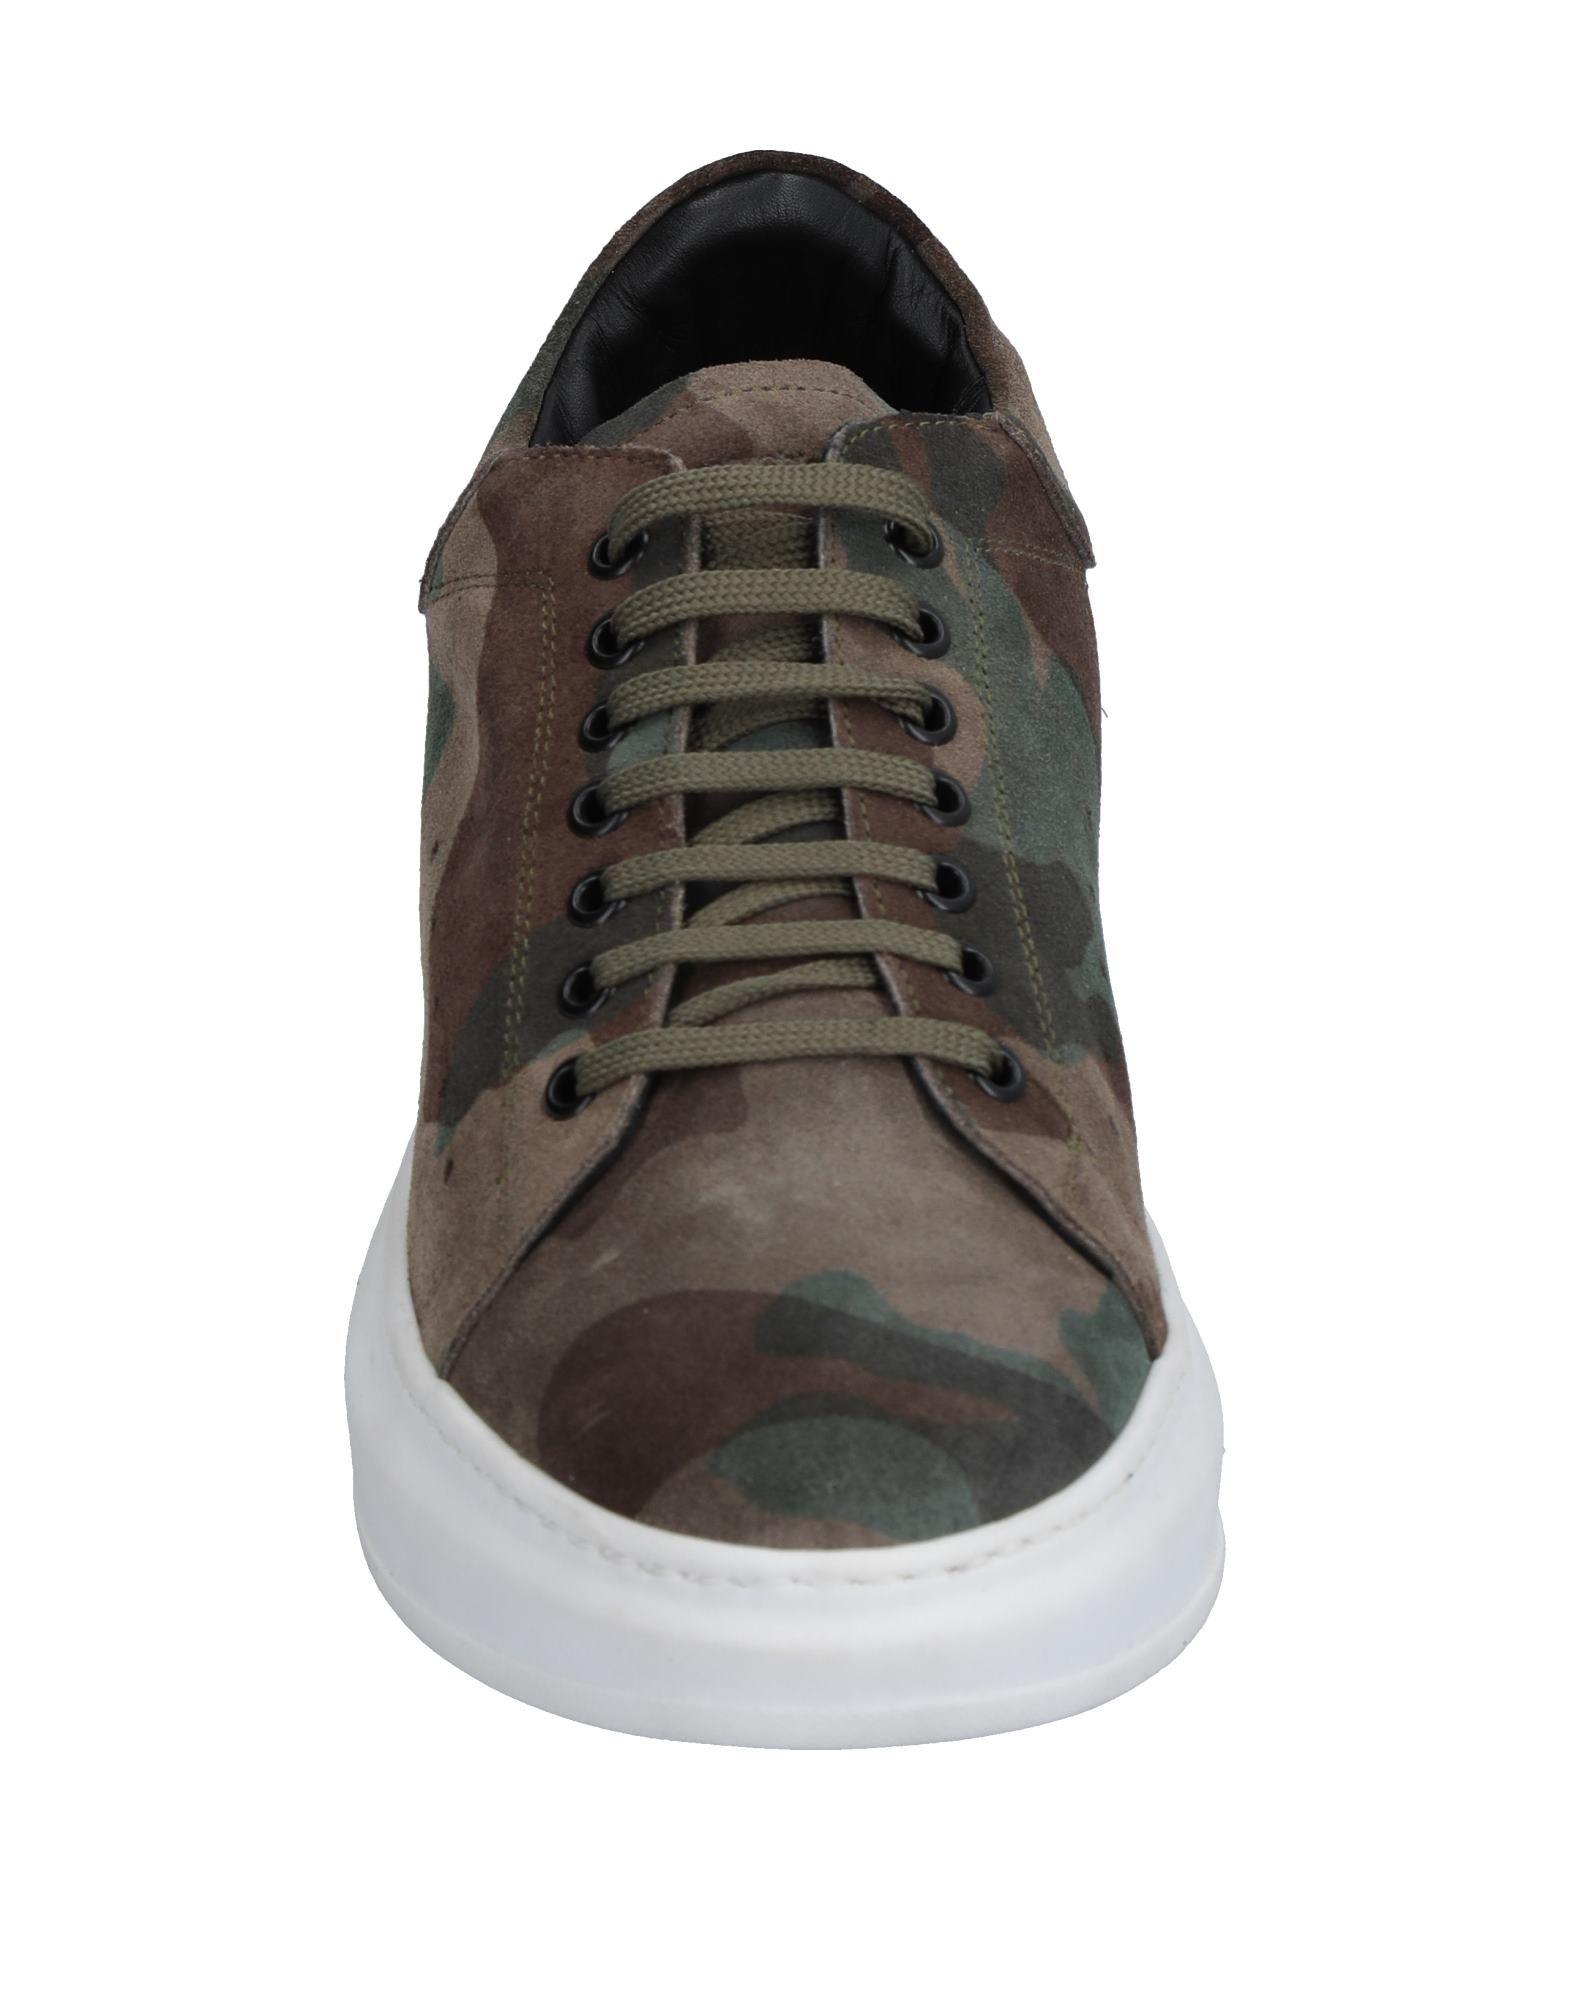 Bottega Herren Marchigiana Sneakers Herren Bottega  11542379WU ccc8bd